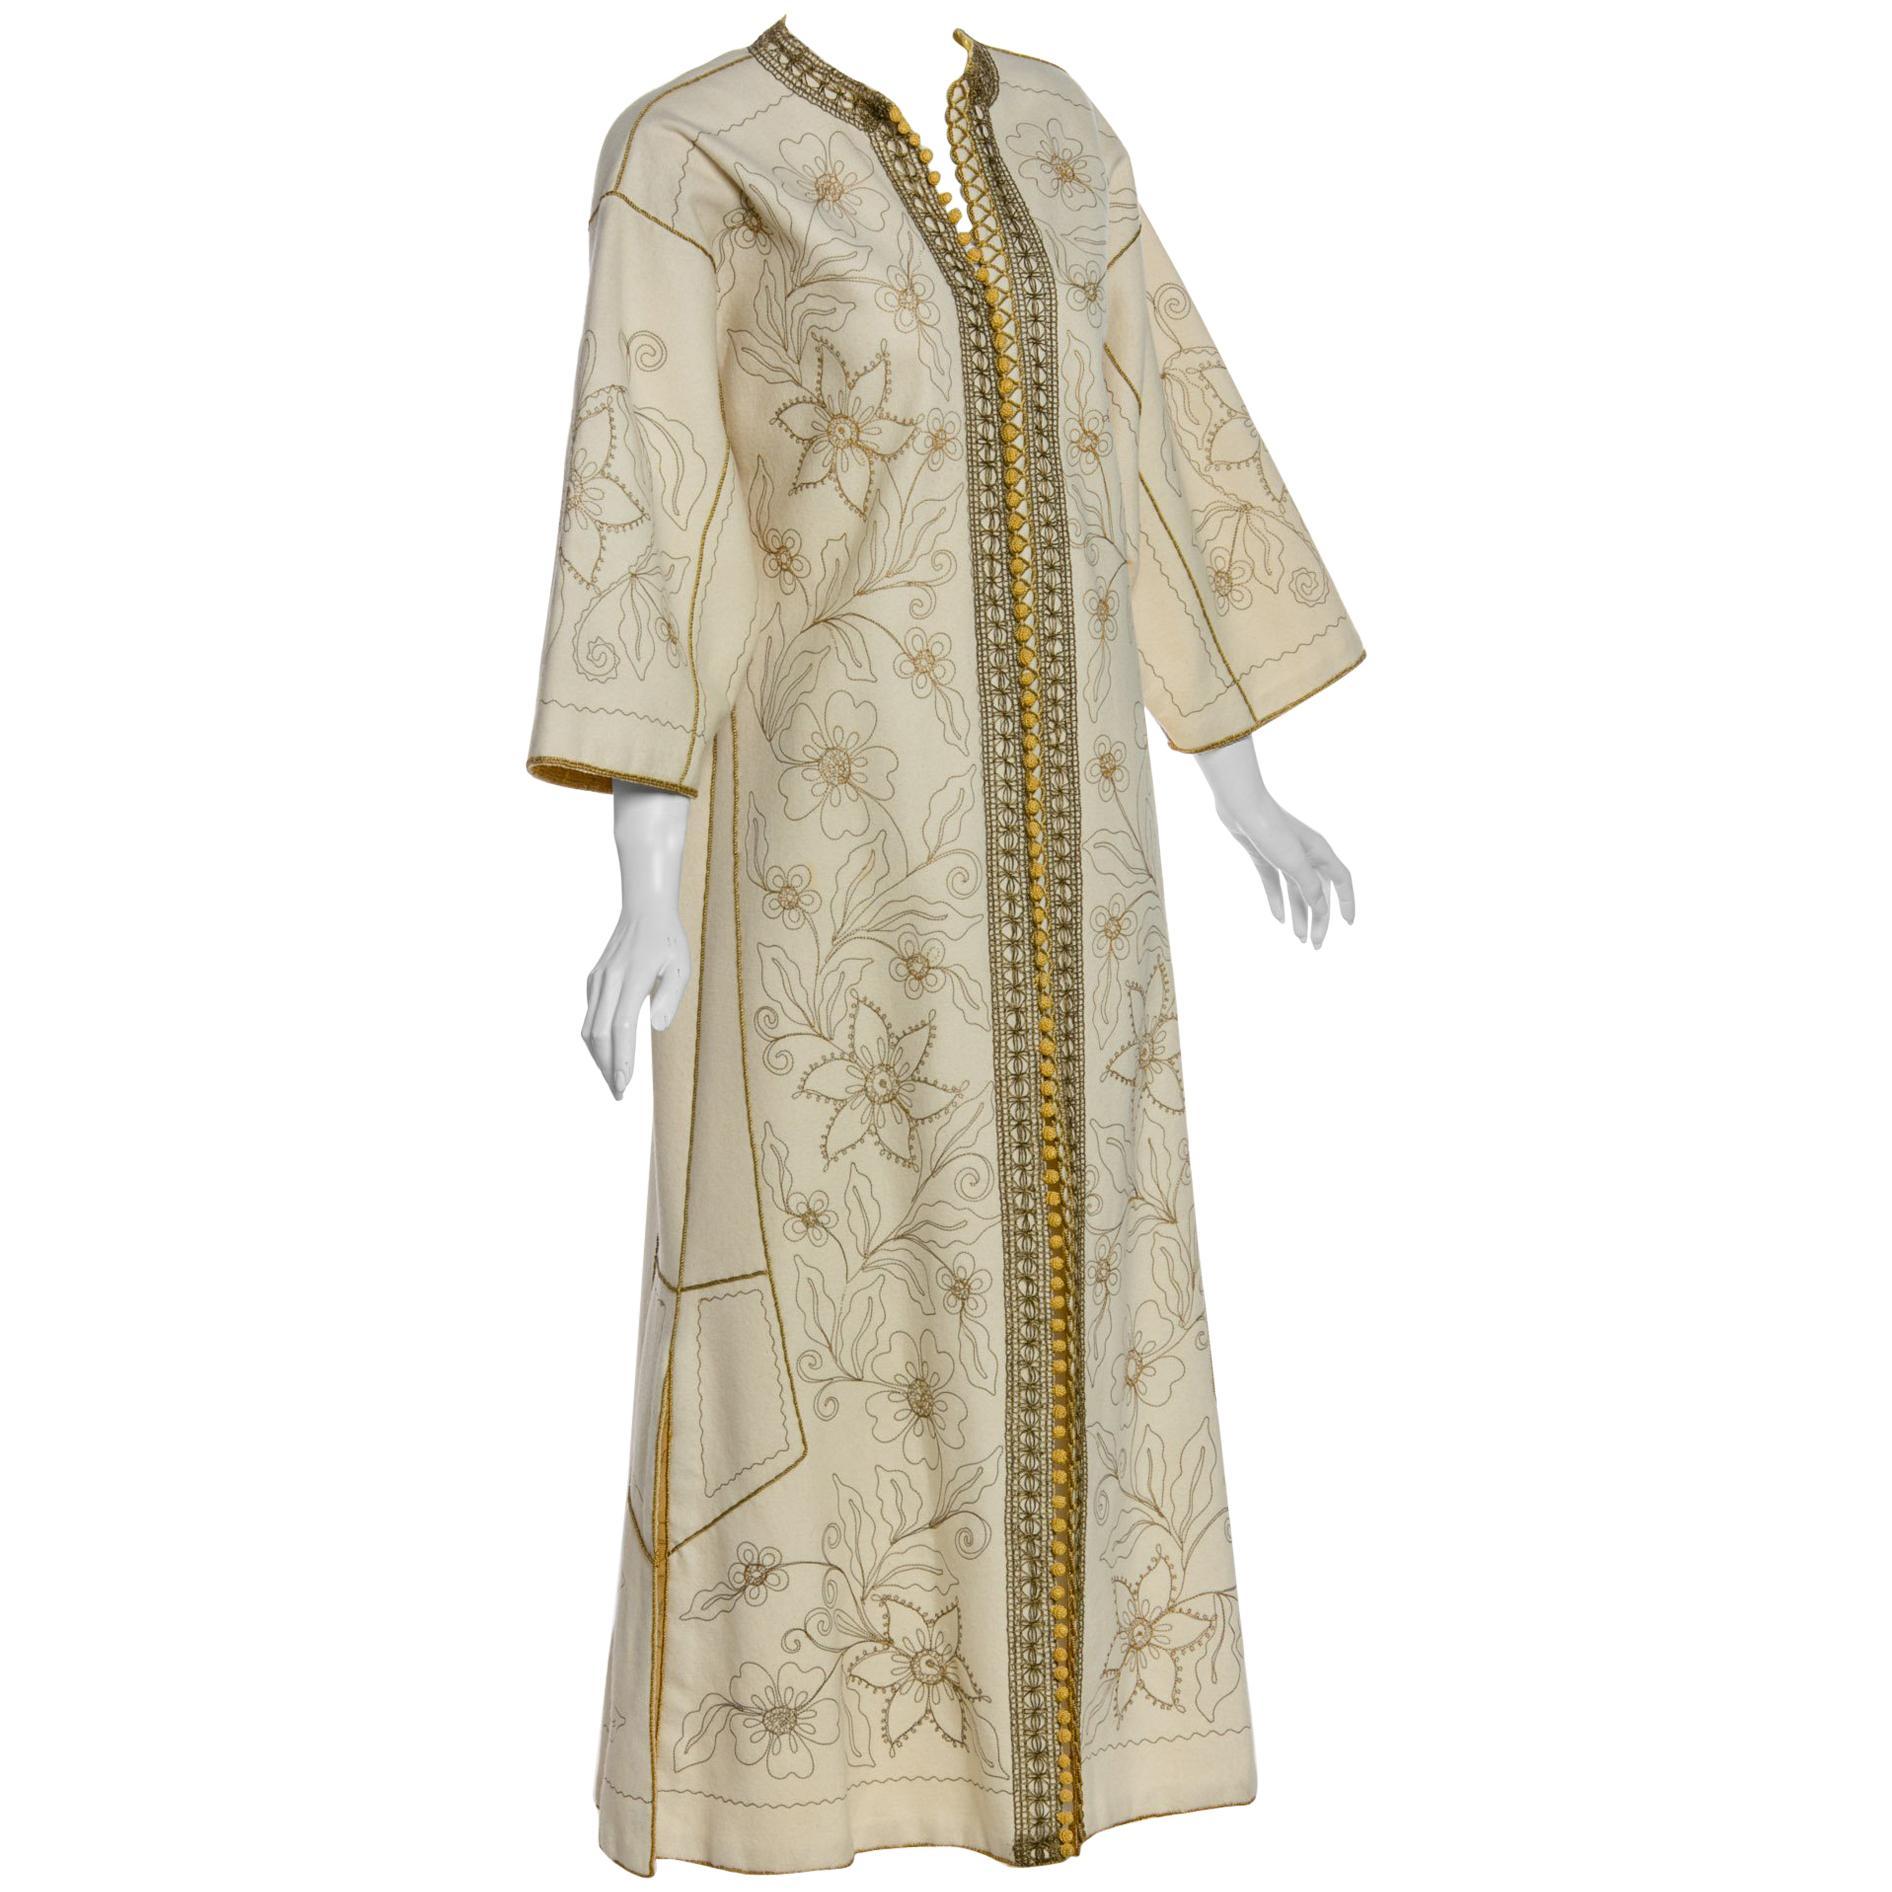 Vintage Ivory Gold Floral Embroidered Vintage Caftan Dress